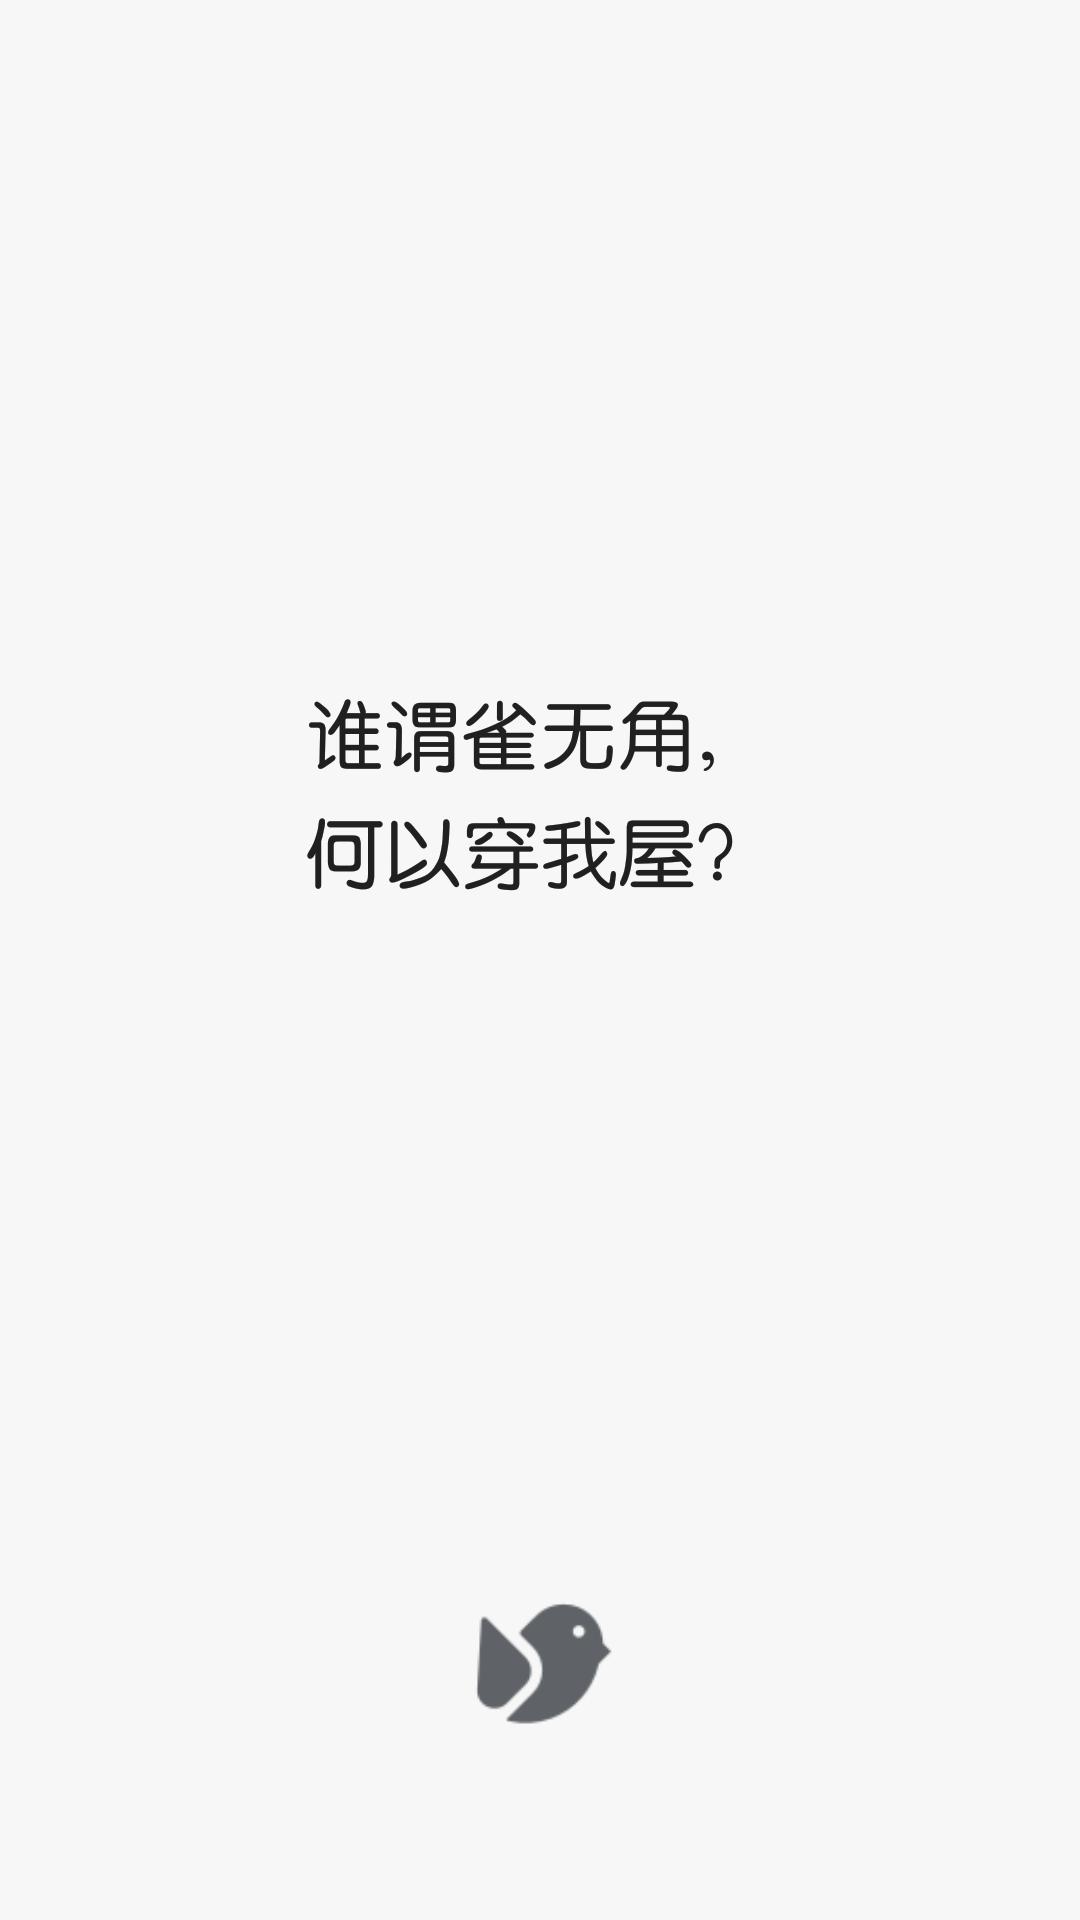 【分享】麻雀笔记-小而全 3.5.0